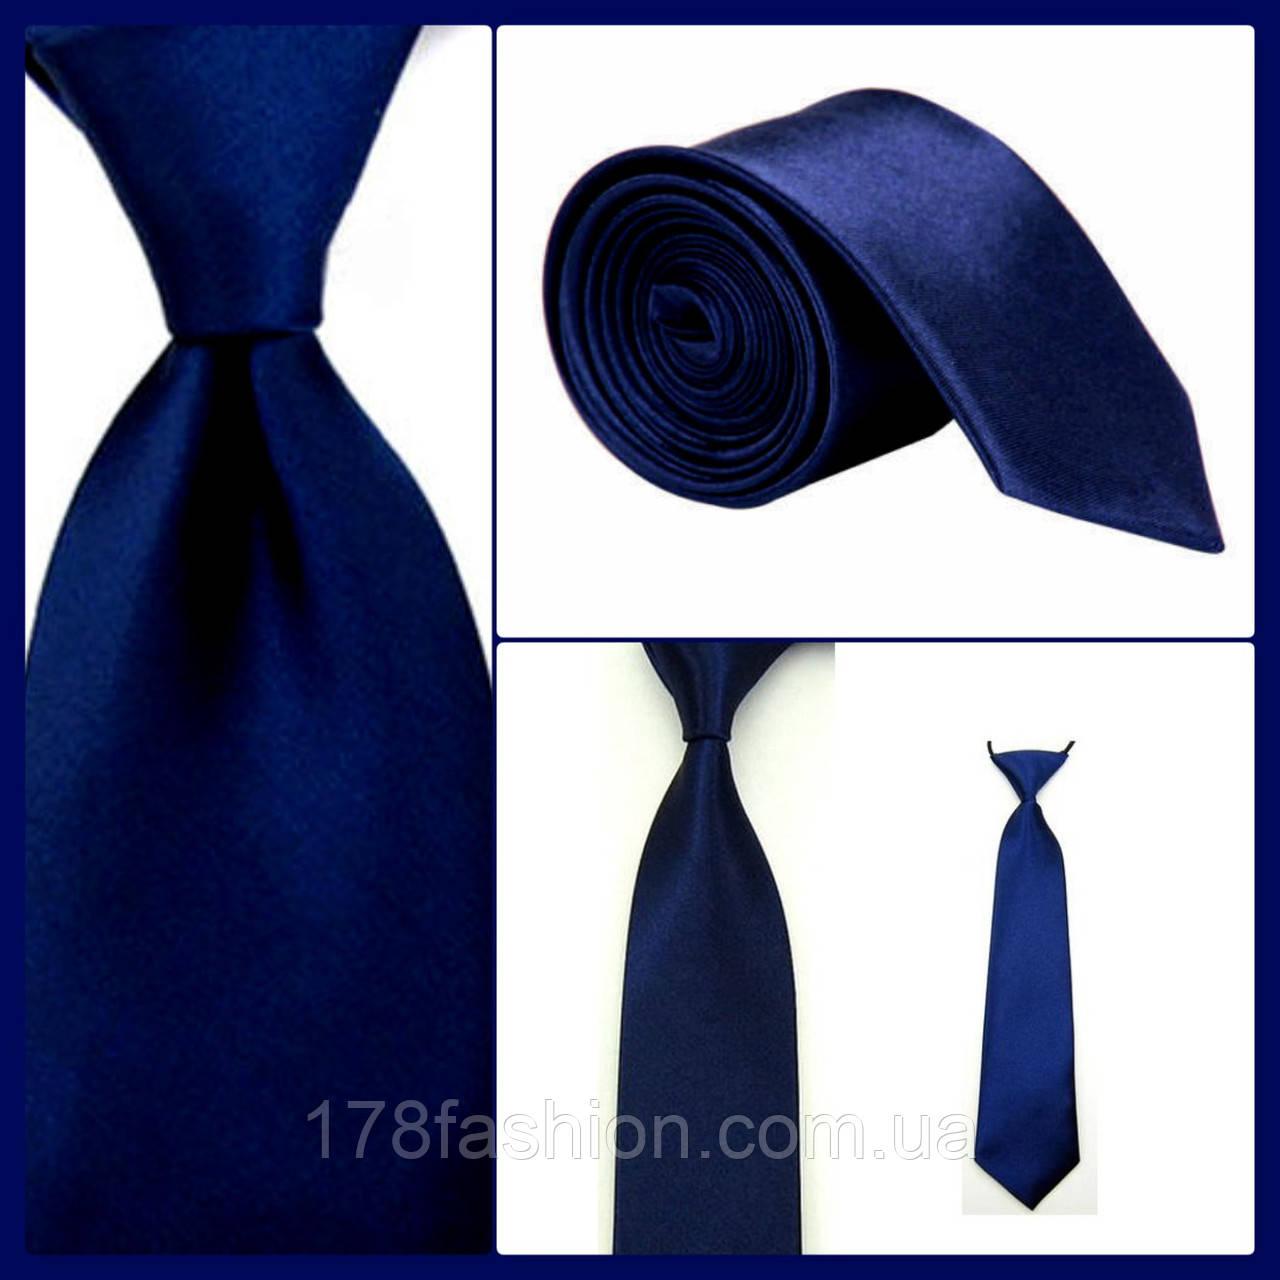 Стильный и модный детский однотонный атласный галстук №24 темно синий